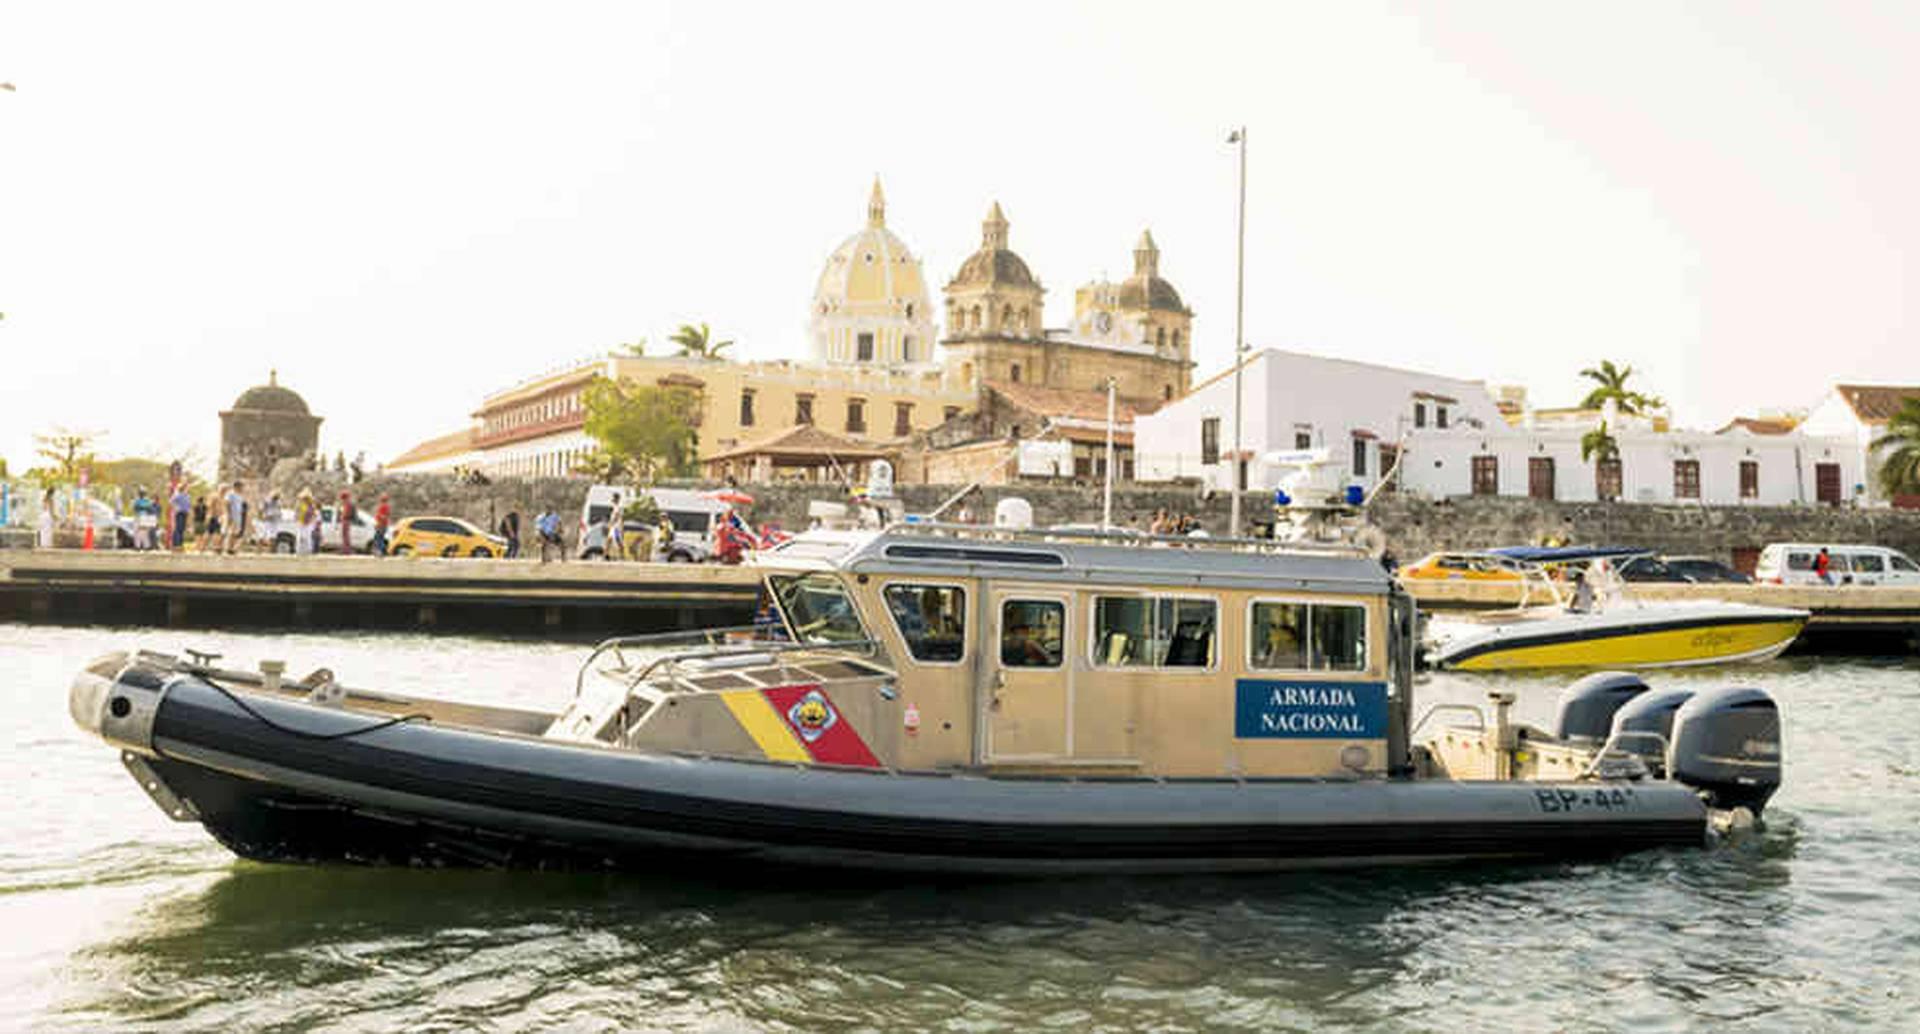 Uno de los botes rápidos de Safe Boats International, adquiridos por la Armada Nacional.